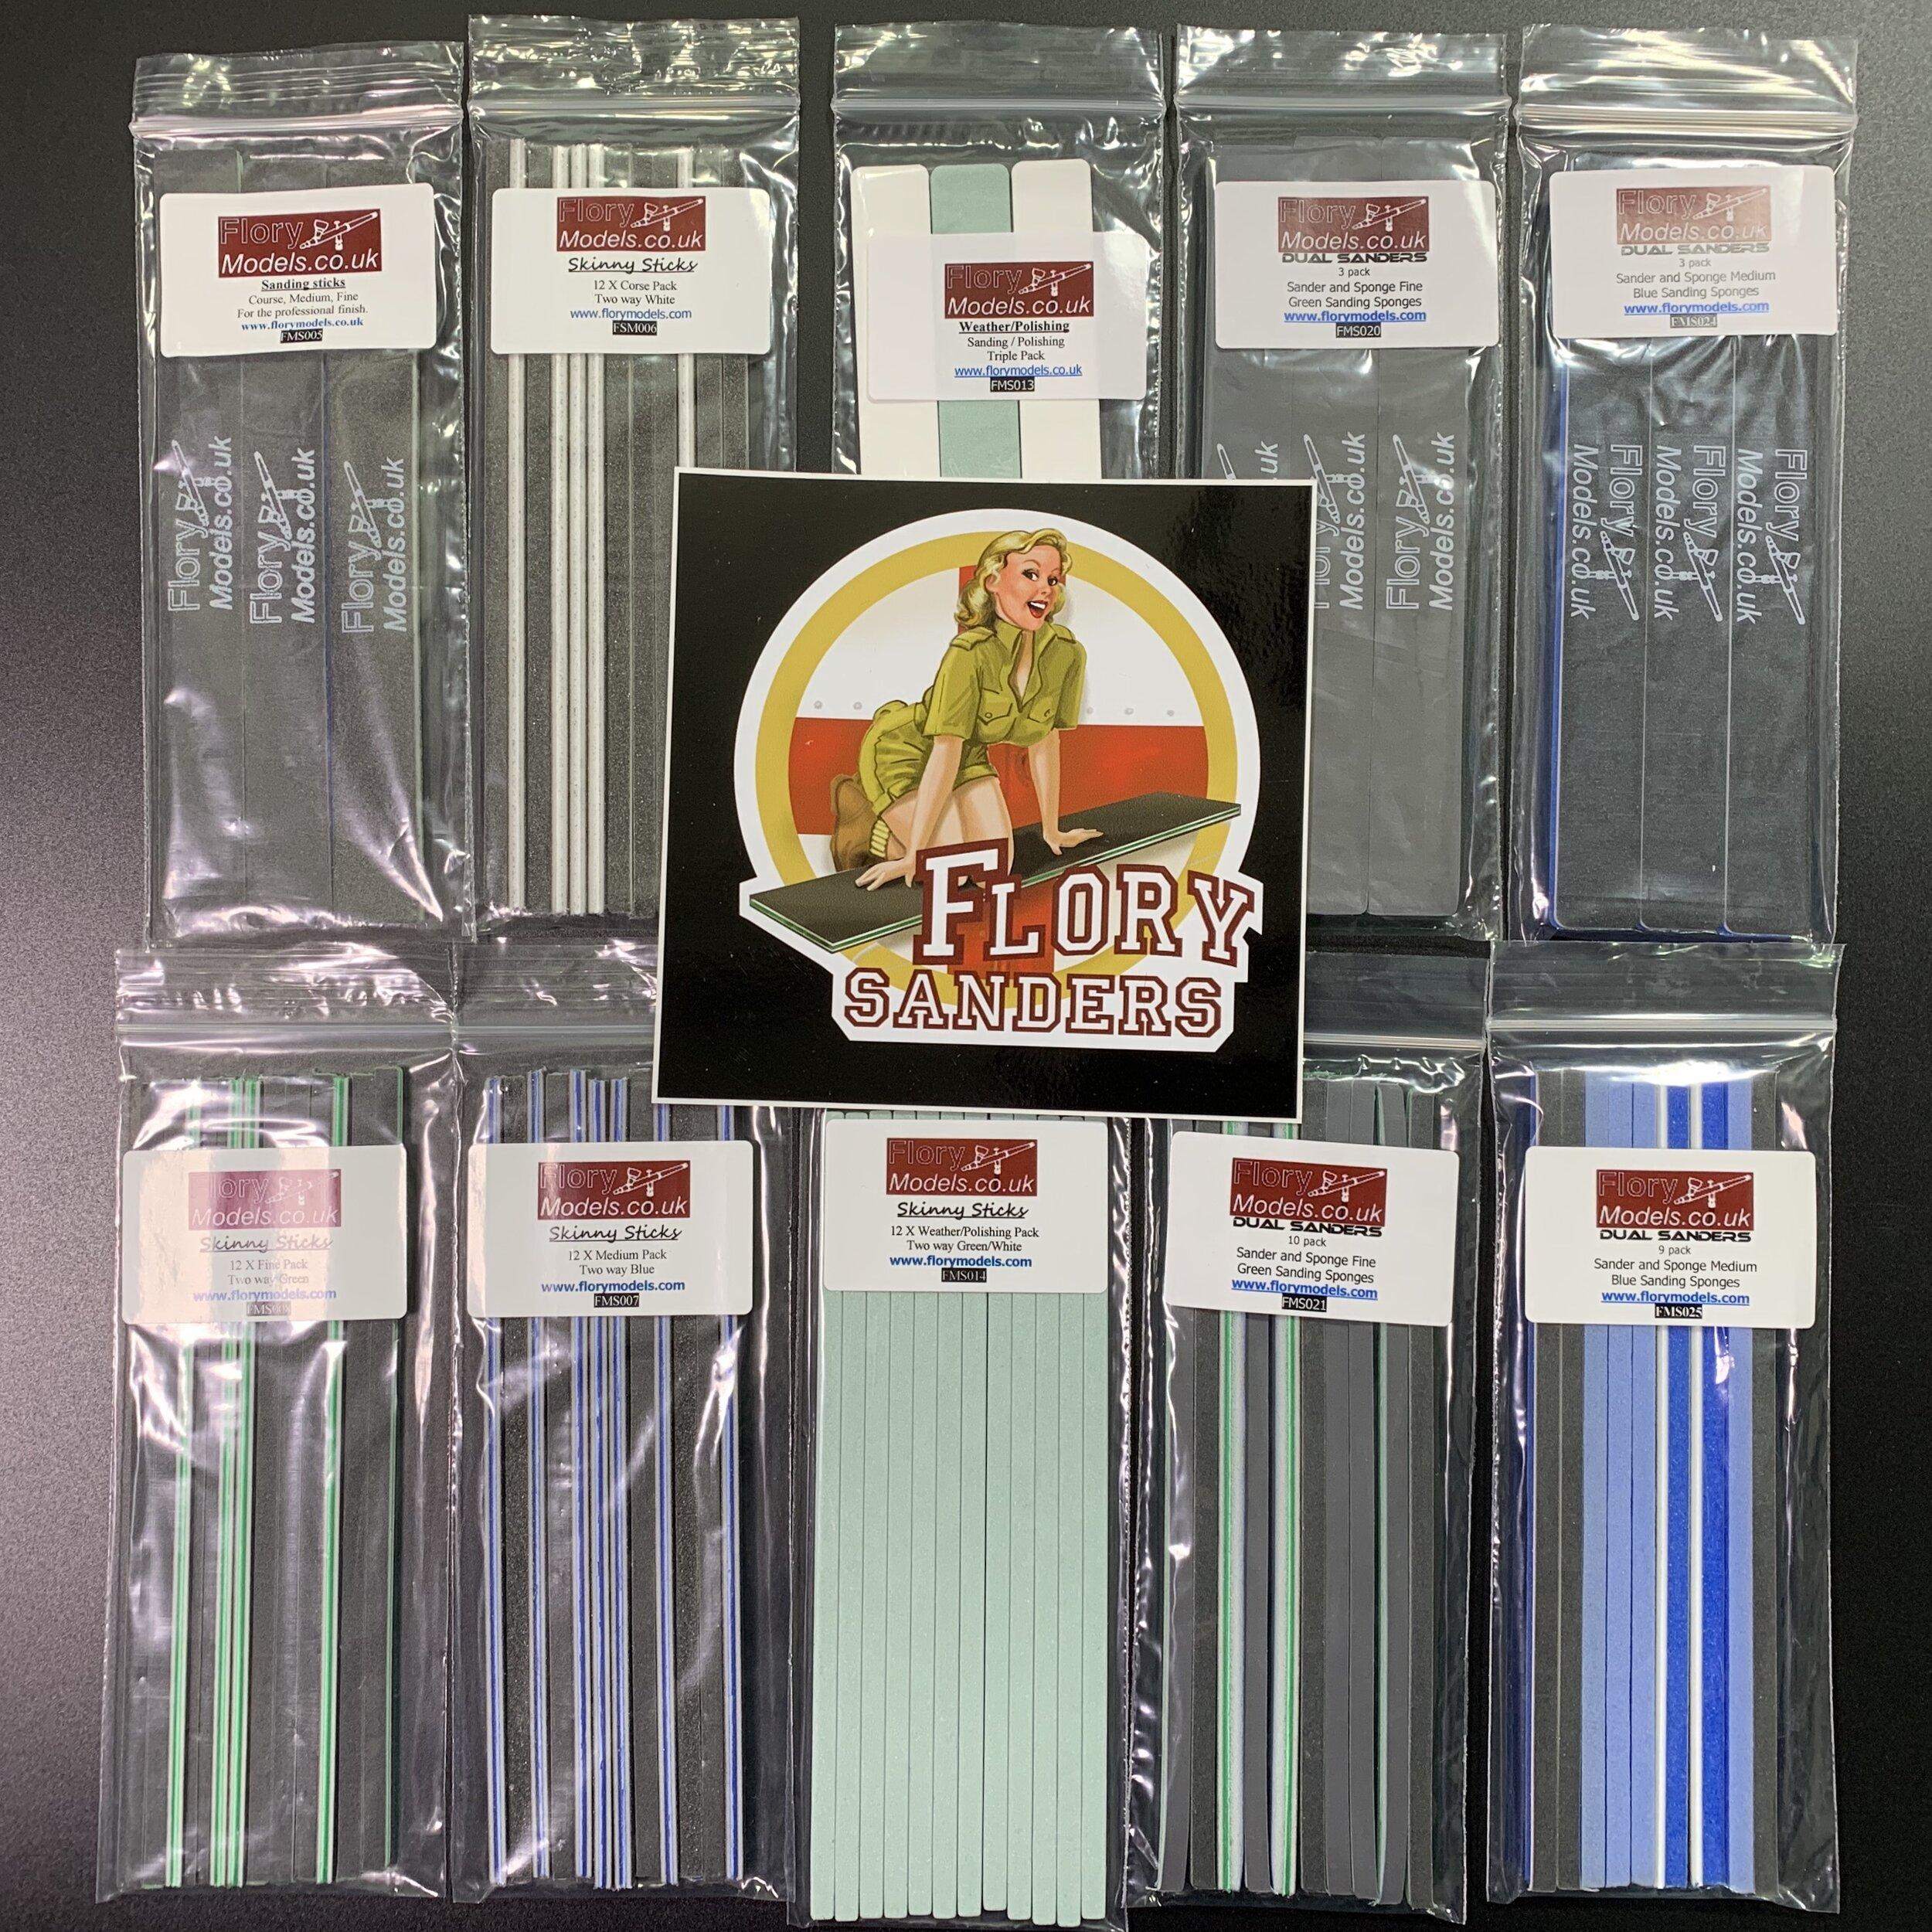 10 Pack of Flory Models sanding sticks  £43.92